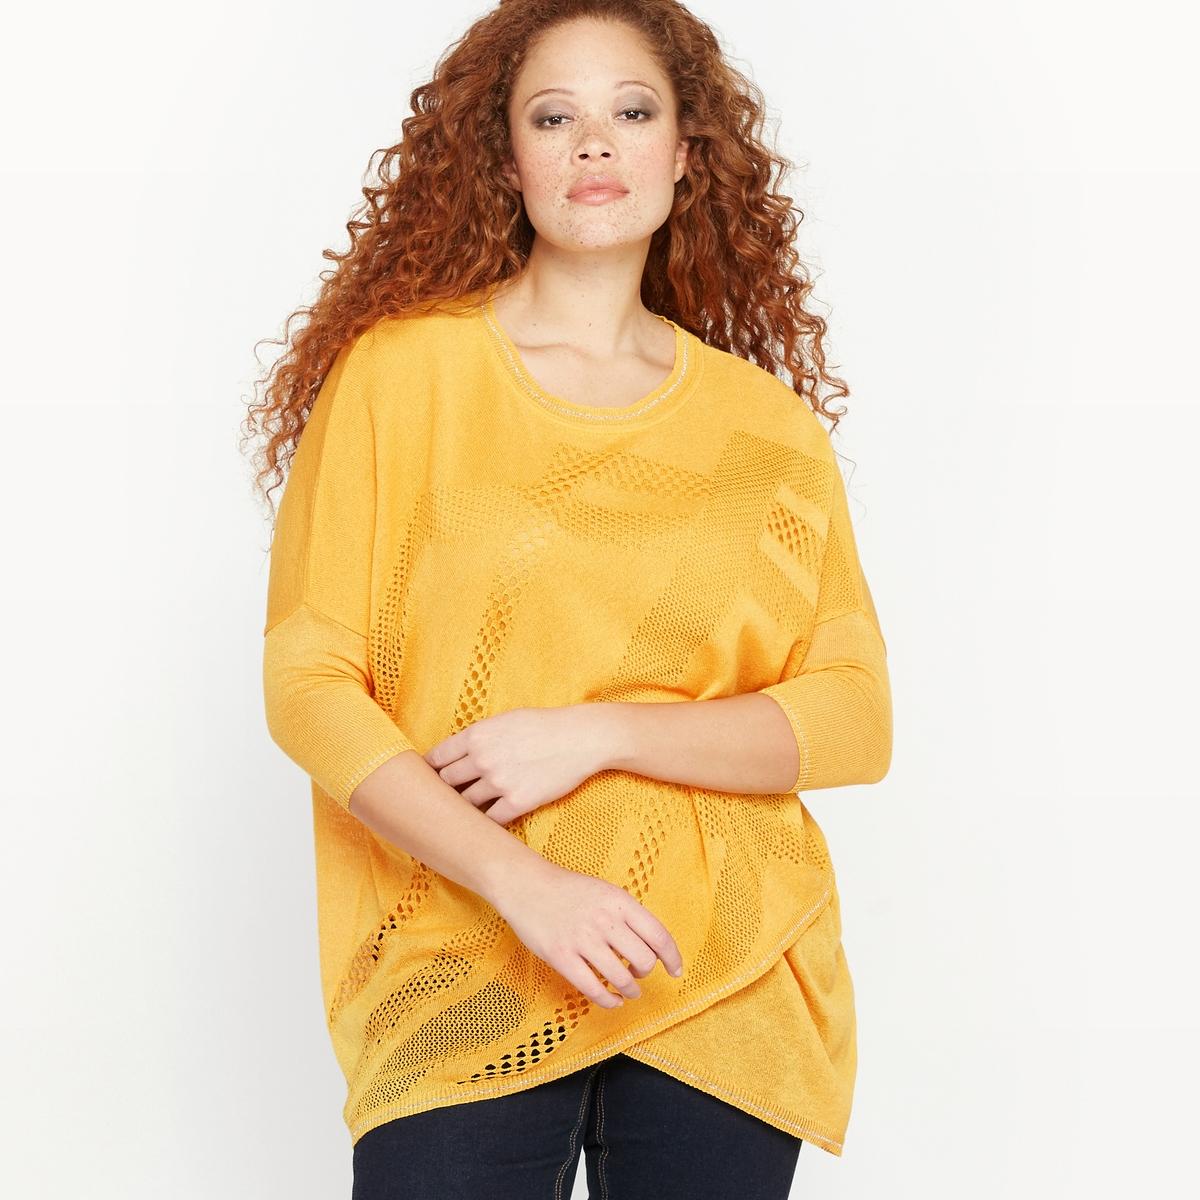 Пуловер асимметричныйАсимметричный пуловер.Круглый вырез.Рукава 3/4.Ажурный трикотаж с наложением гладкого трикотажа спереди.Гладкий трикотаж сзади .Края выреза, рукавов и низа связаны в рубчик с полосой из блестящих волокон.Состав и описание :Материал :  трикотаж, 82% акрила, 17% полиамида, 1% полиэстера.Длина : 77 см.Марка : CASTALUNAУход : Машинная стирка при 40 °С.<br><br>Цвет: желтый кукурузный<br>Размер: 42/44 (FR) - 48/50 (RUS).50/52 (FR) - 56/58 (RUS)